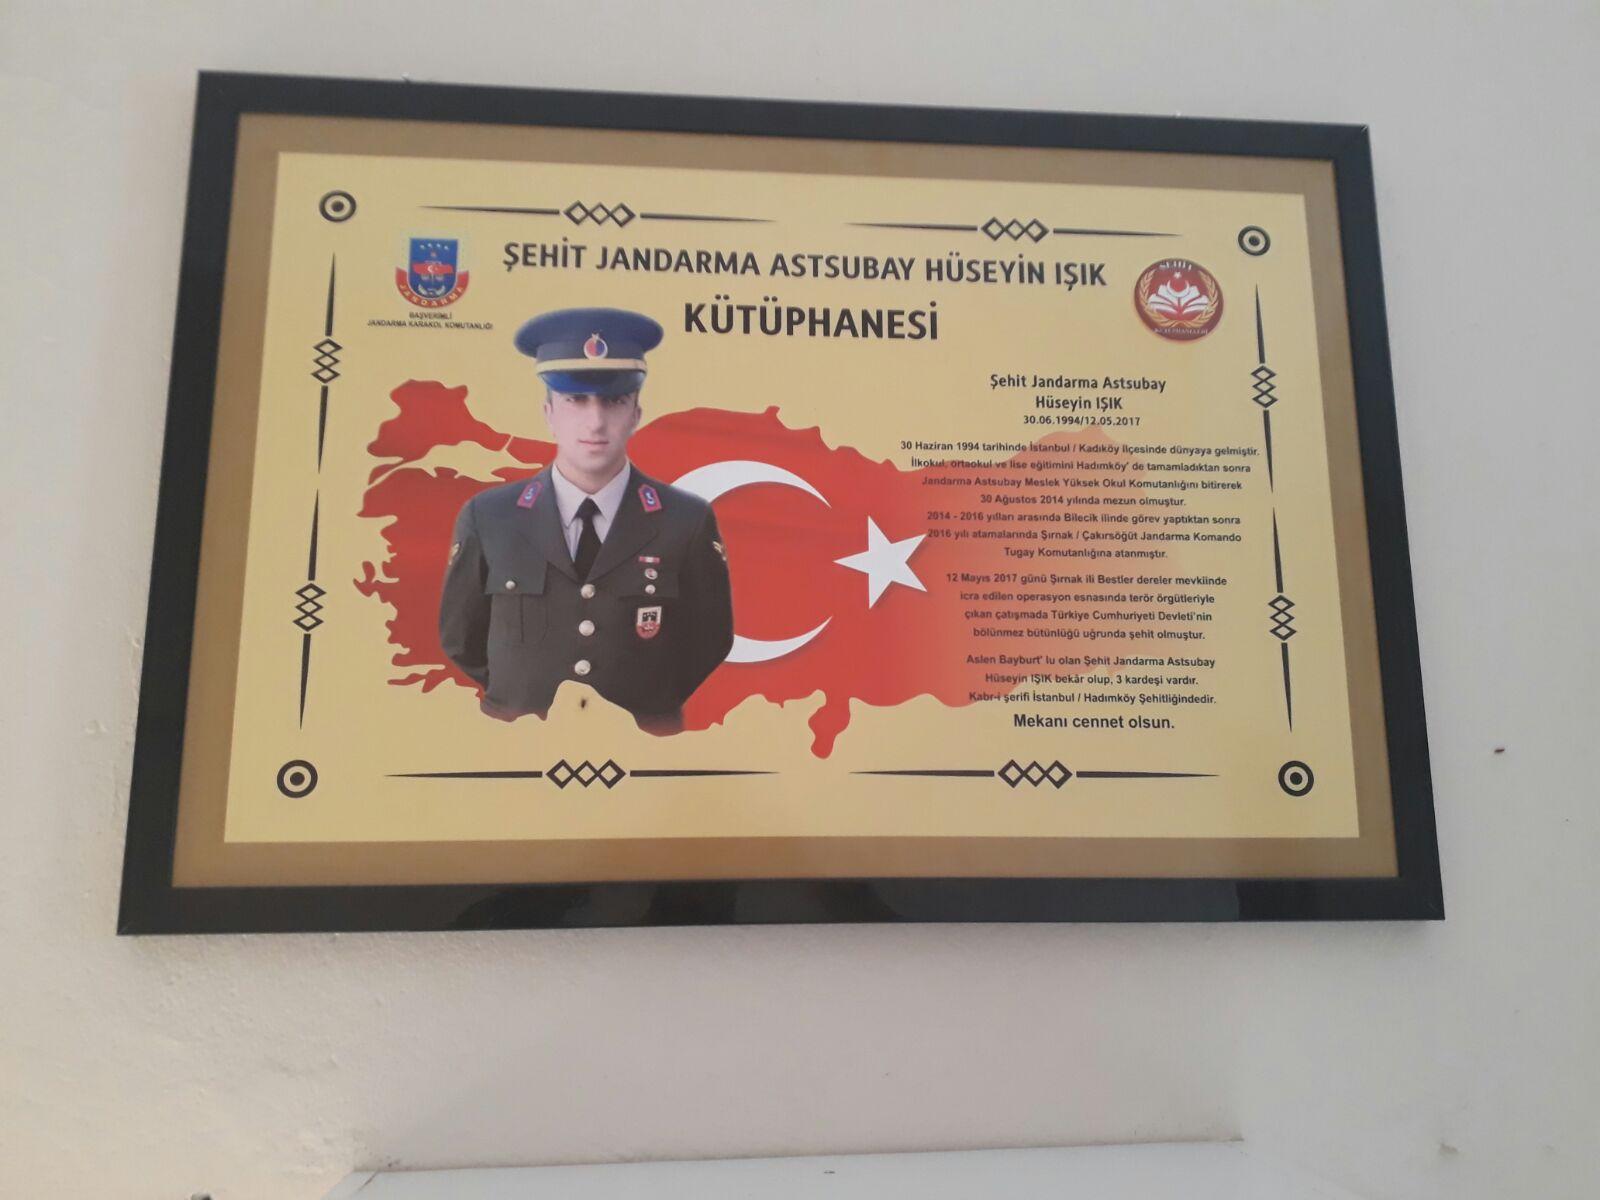 Şehit Jandarma Astsubay Hüseyin IŞIK